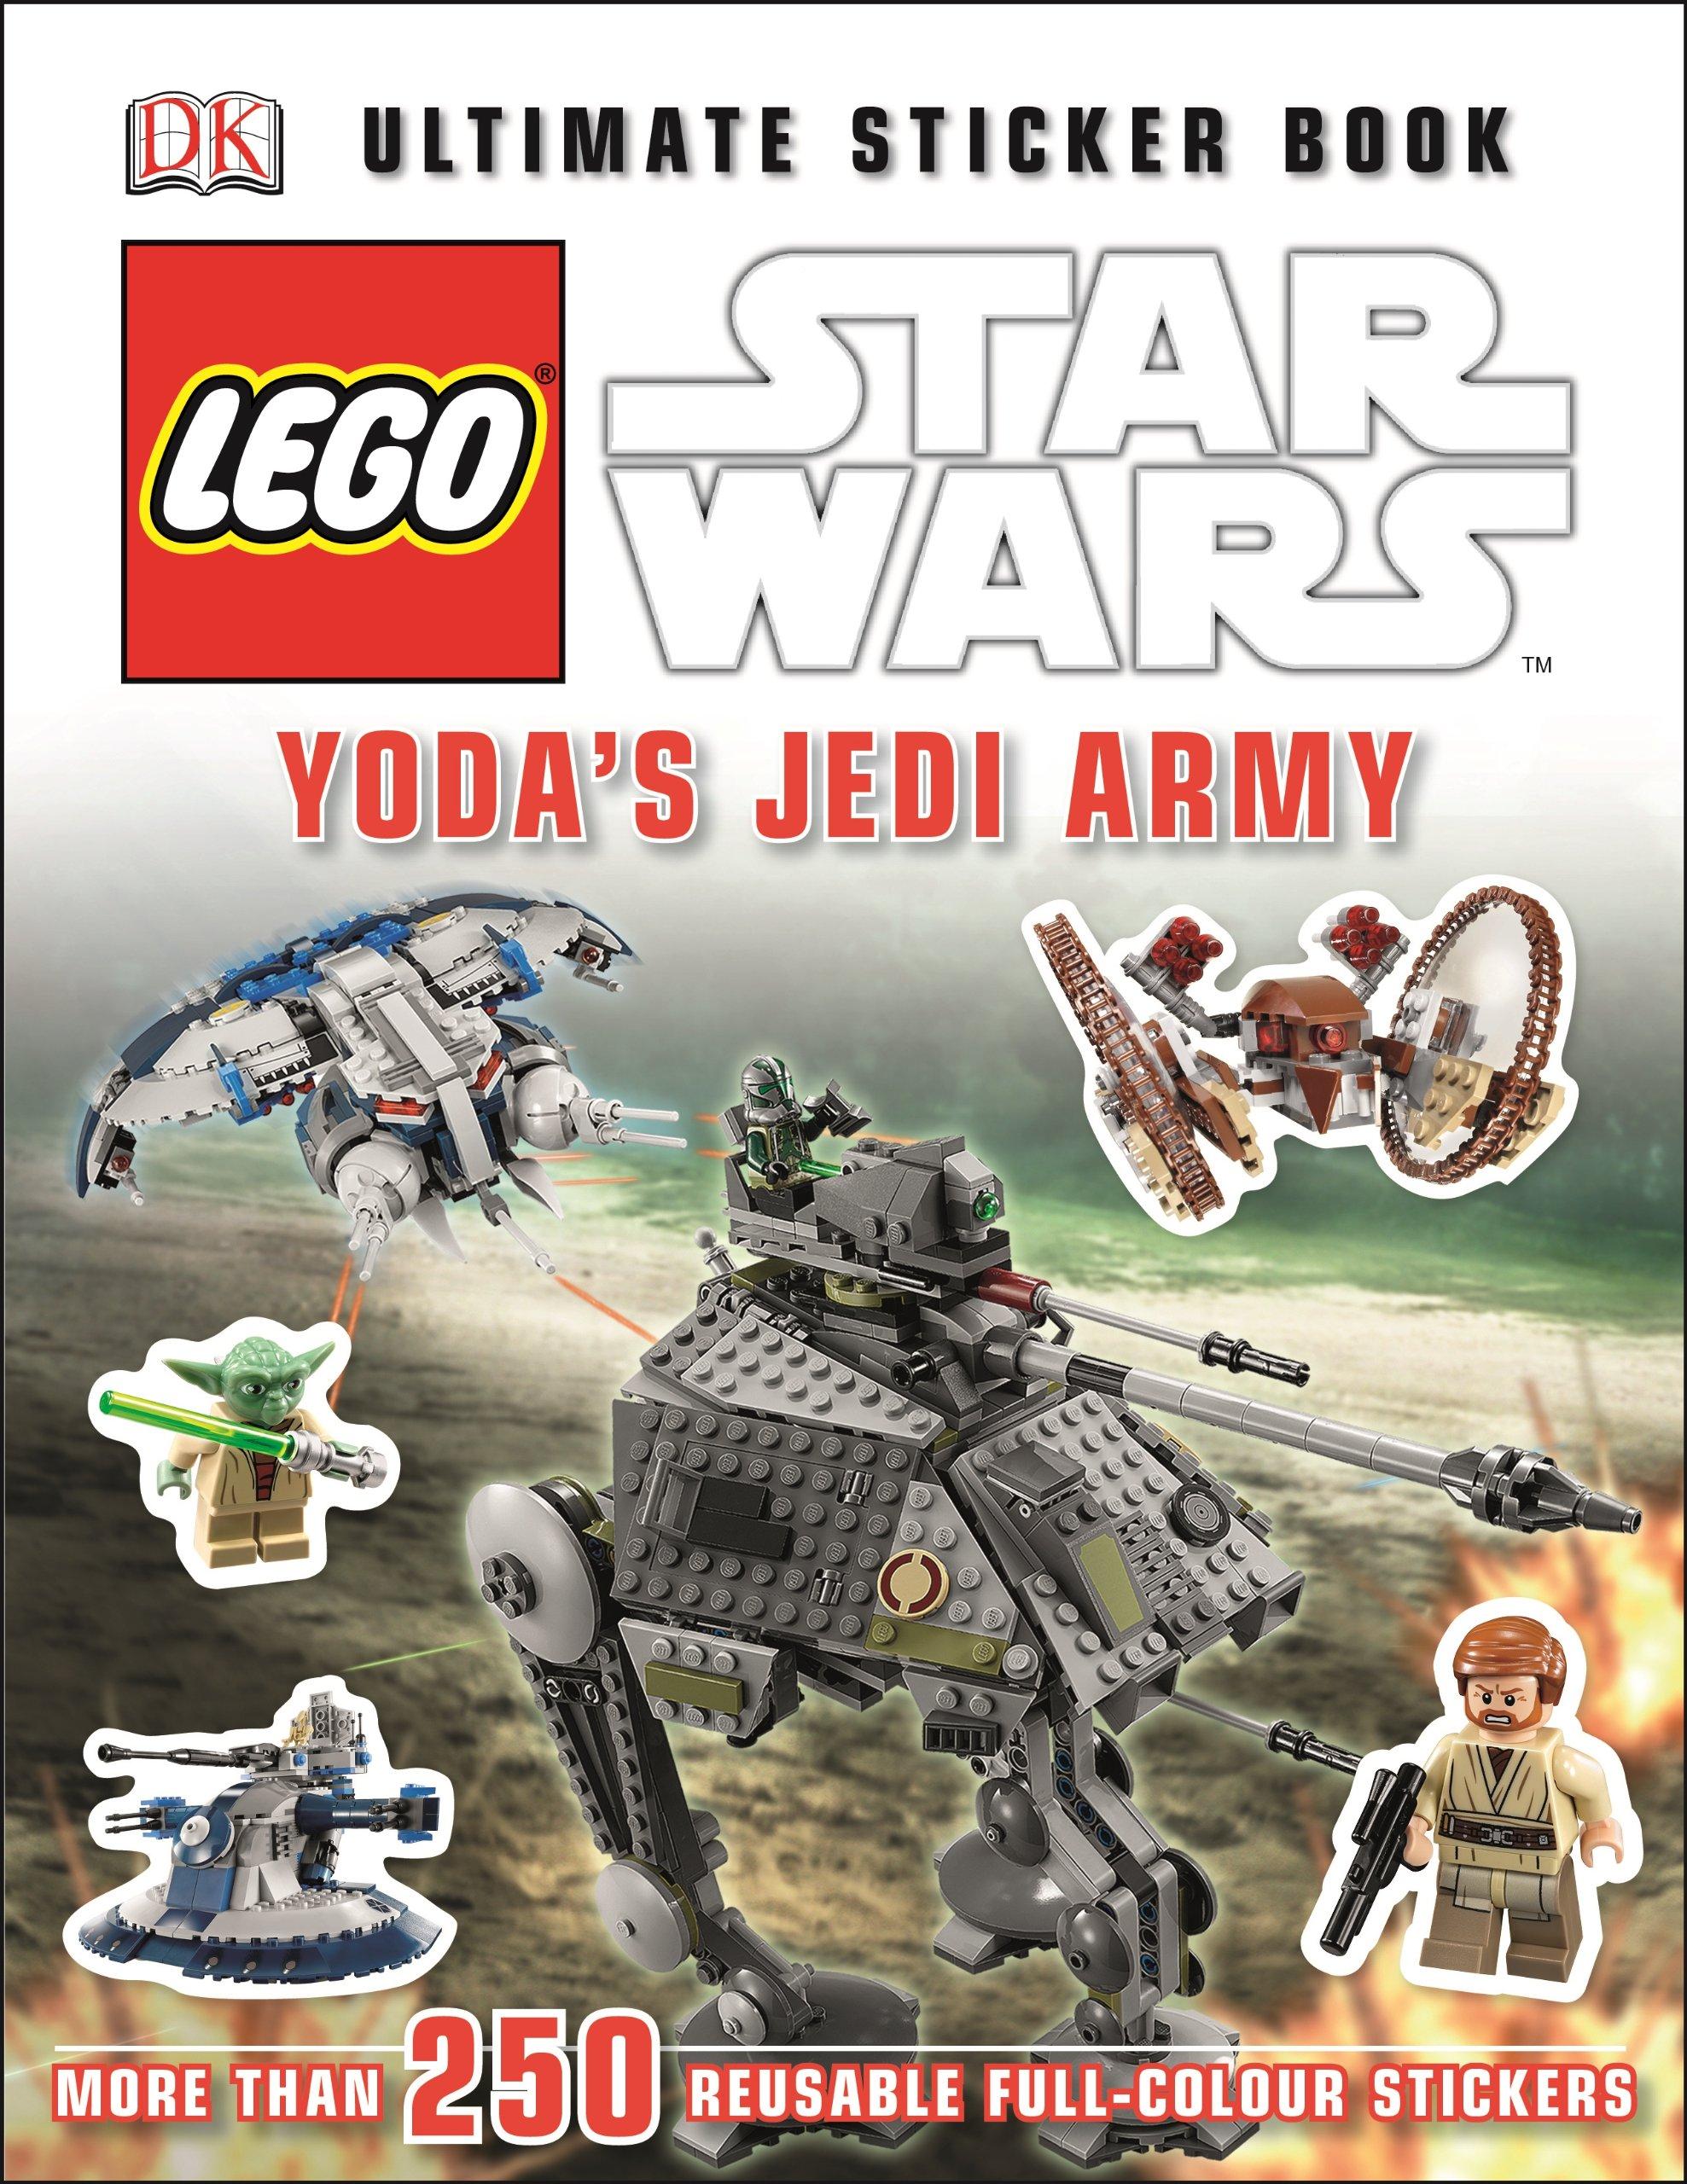 Lego Star Wars: Yoda's Jedi Army